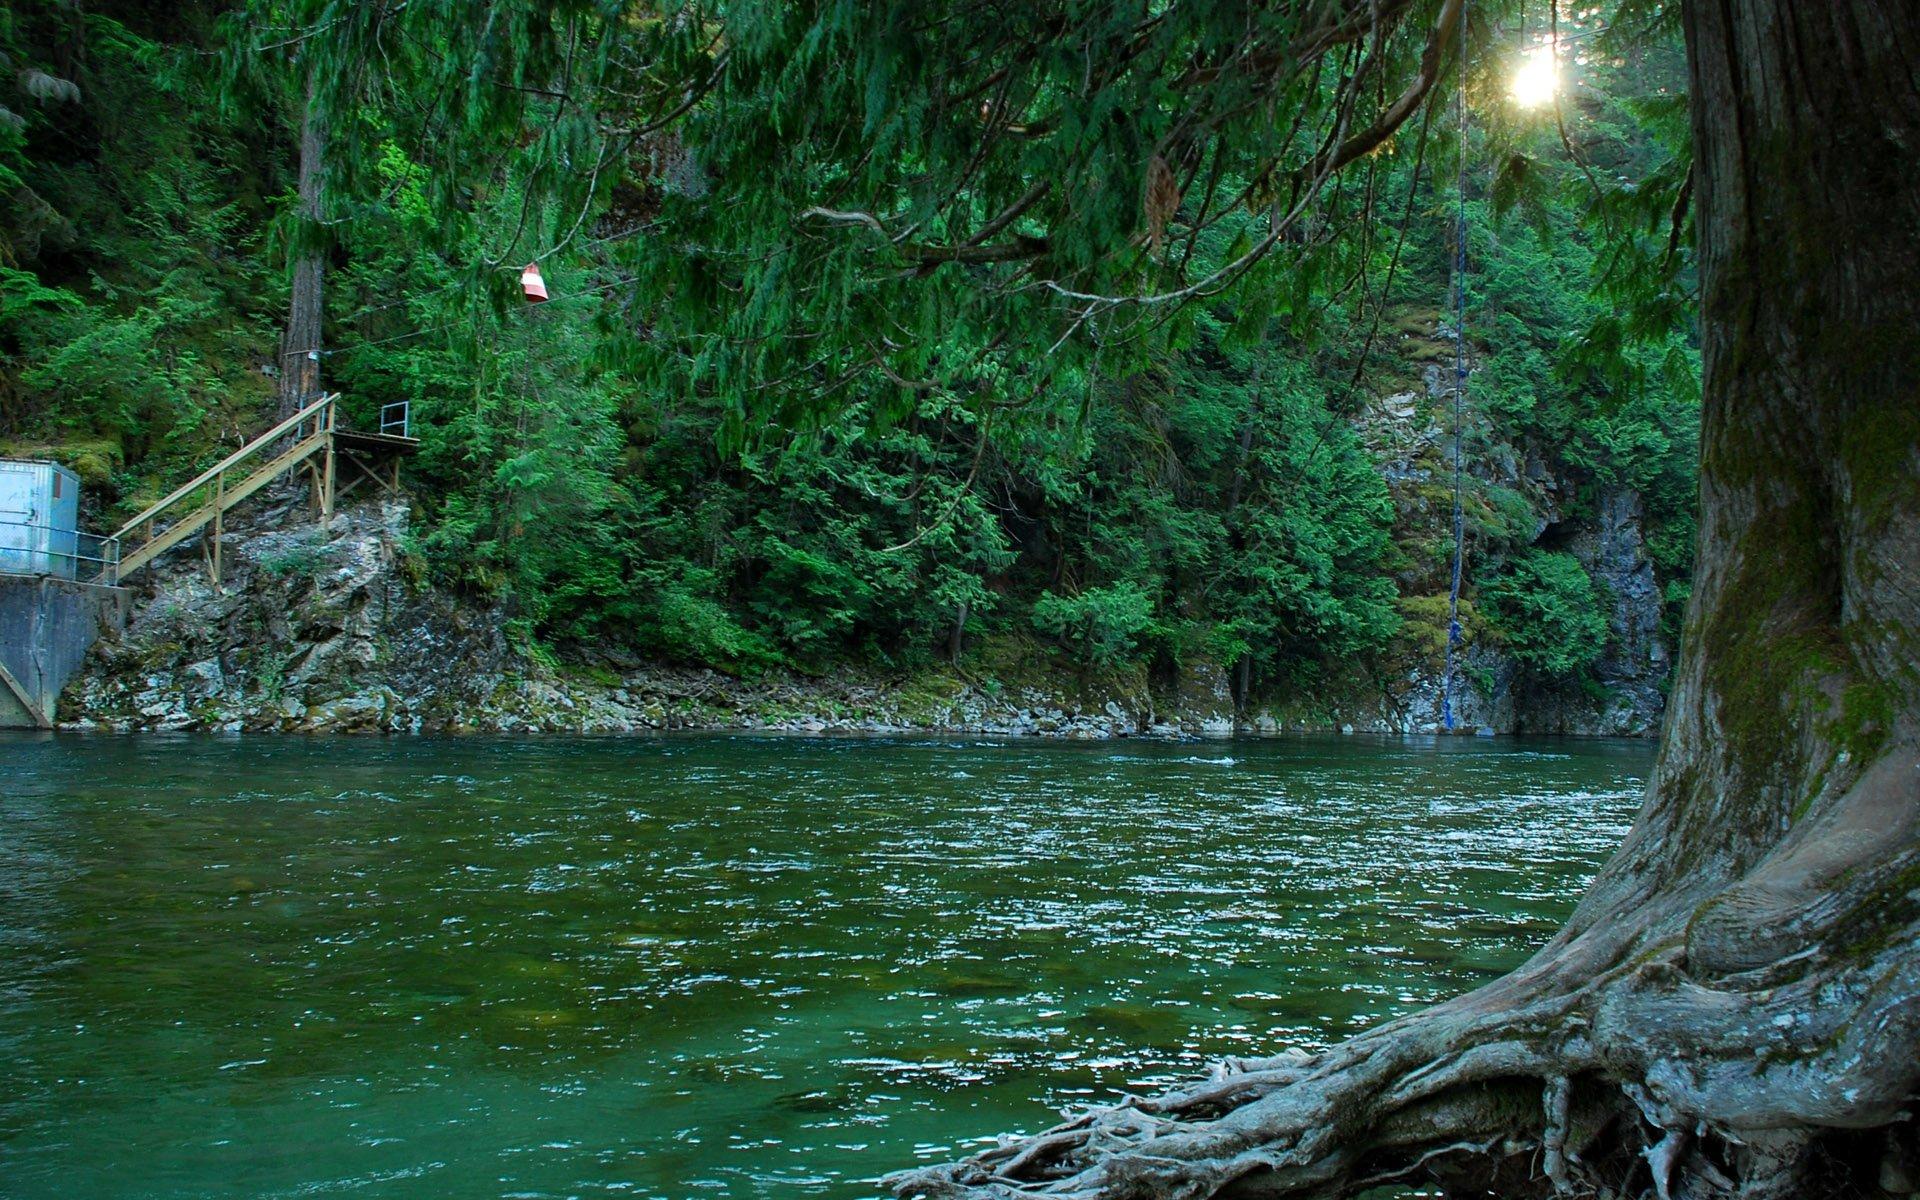 ağaçlar ve göl